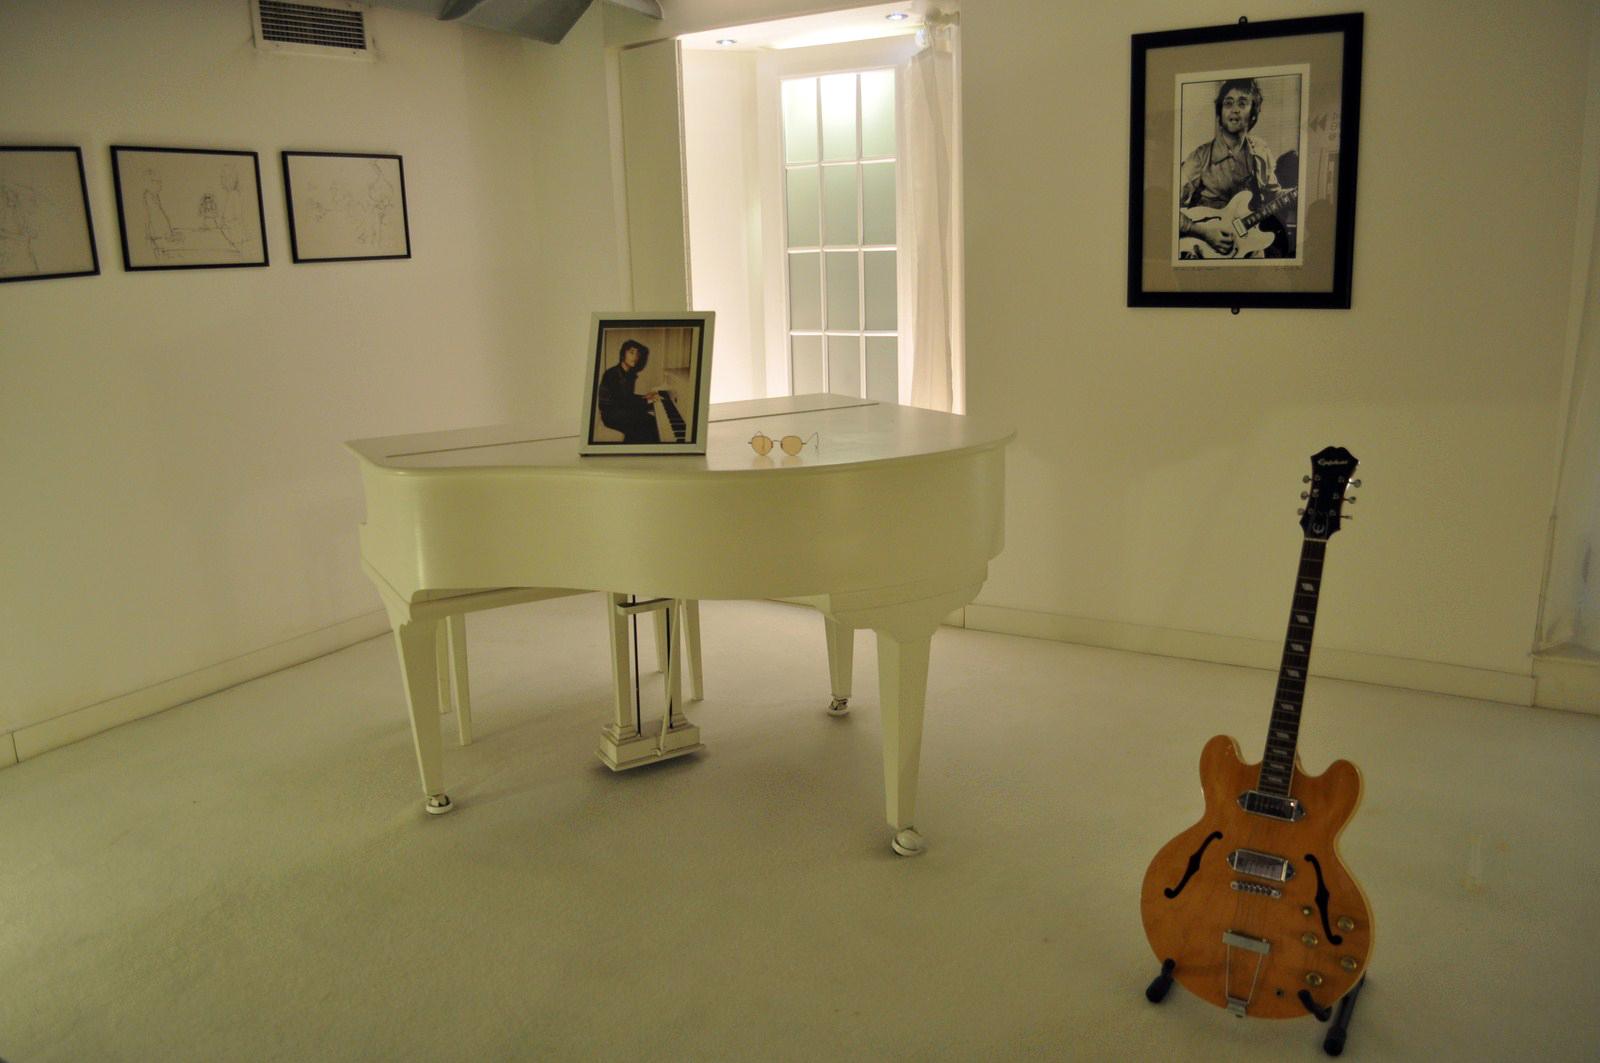 Ruta de los Beatles: Habitación del recuerdo de John Lennon, con su piano favorito ... un viaje al más allá ruta de los beatles - 16020985015 686d55b3ad h - Ruta de los Beatles en Liverpool